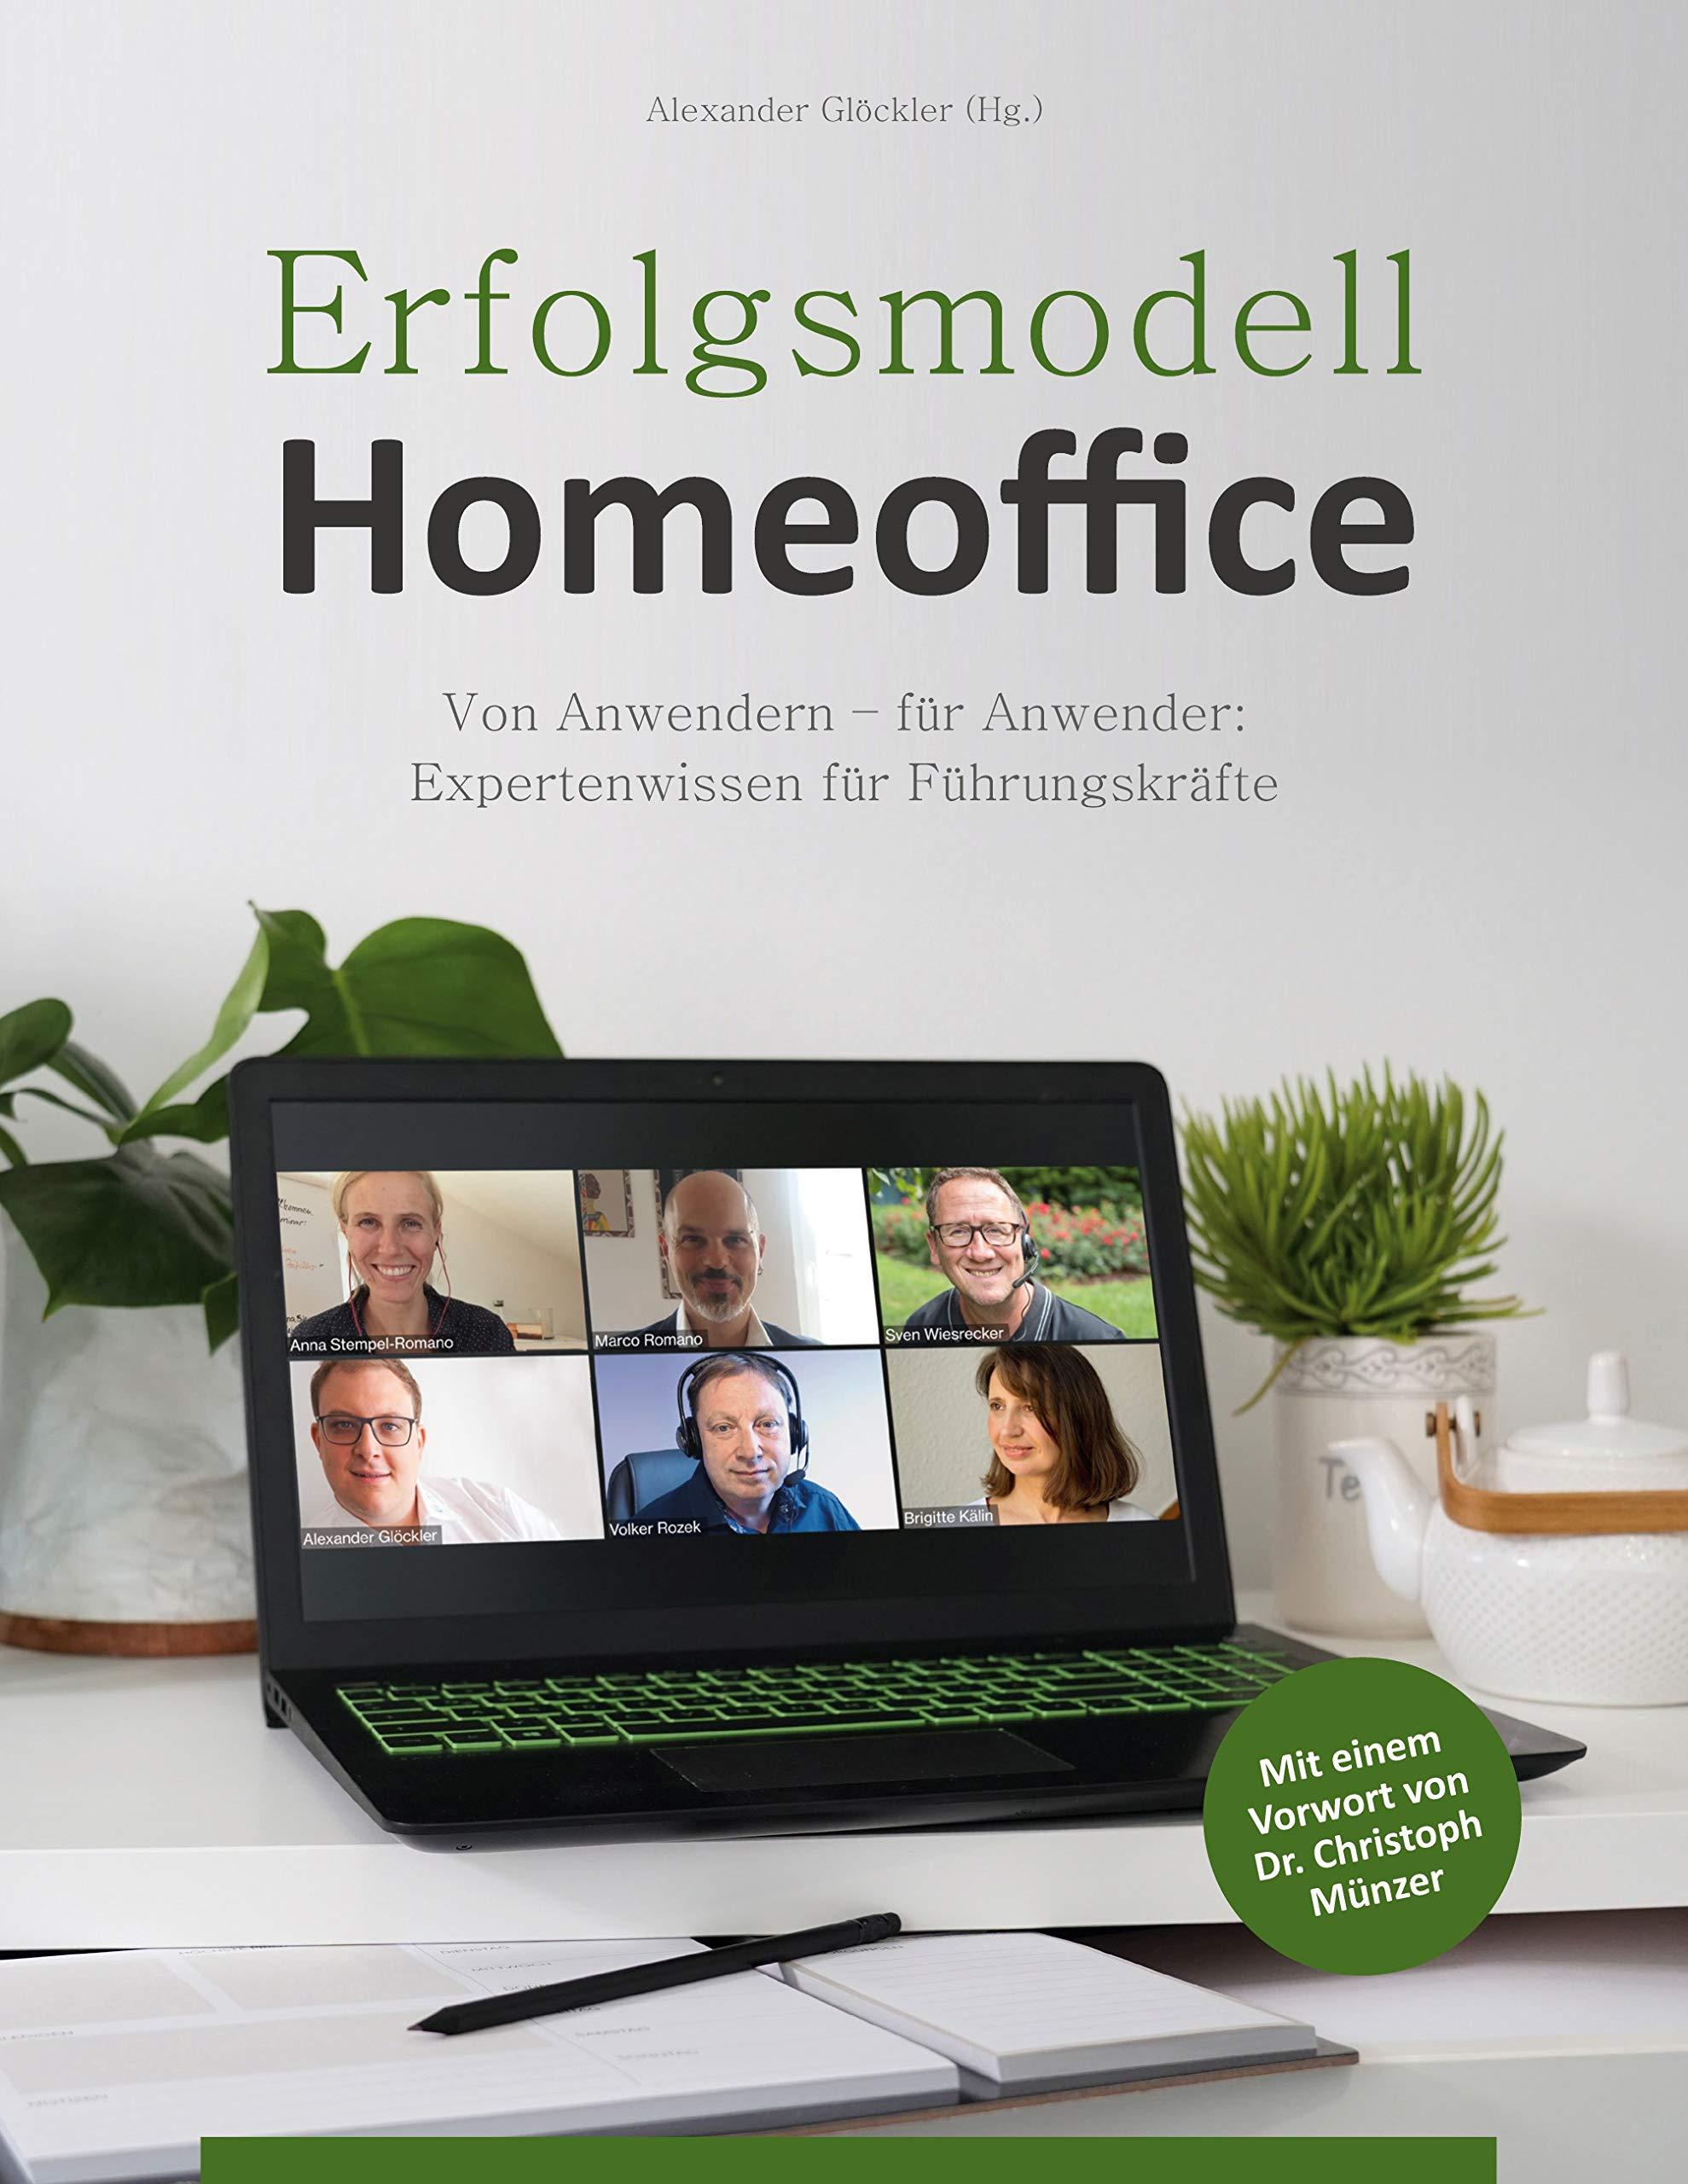 Erfolgsmodell Homeoffice: Von Anwendern - für Anwender. Expertenwissen für Führungskräfte (German Edition)